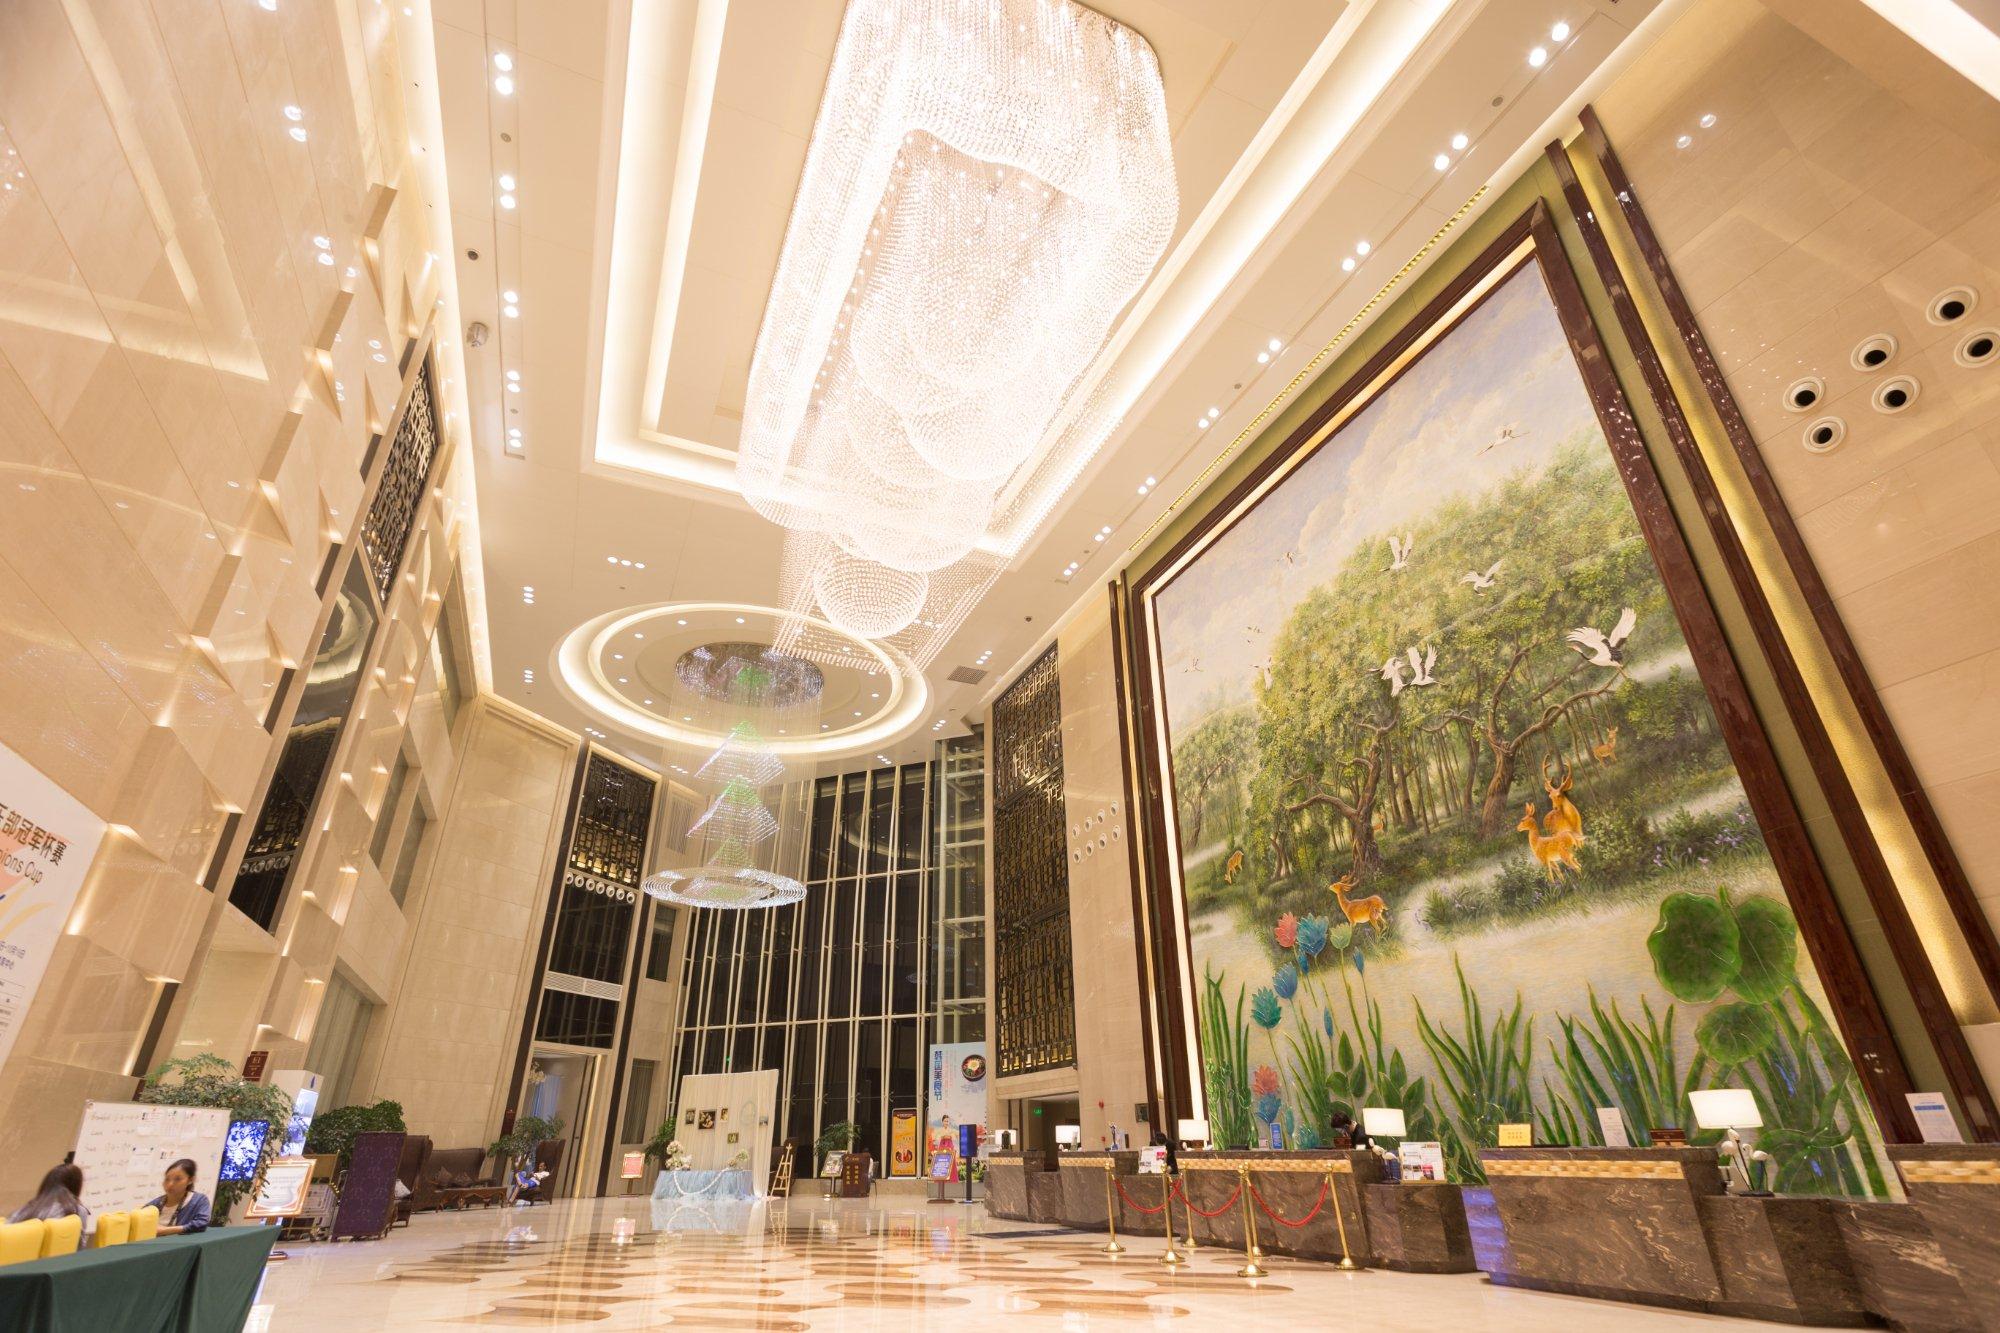 Wyndham Grand Plaza Royale Chenzhou